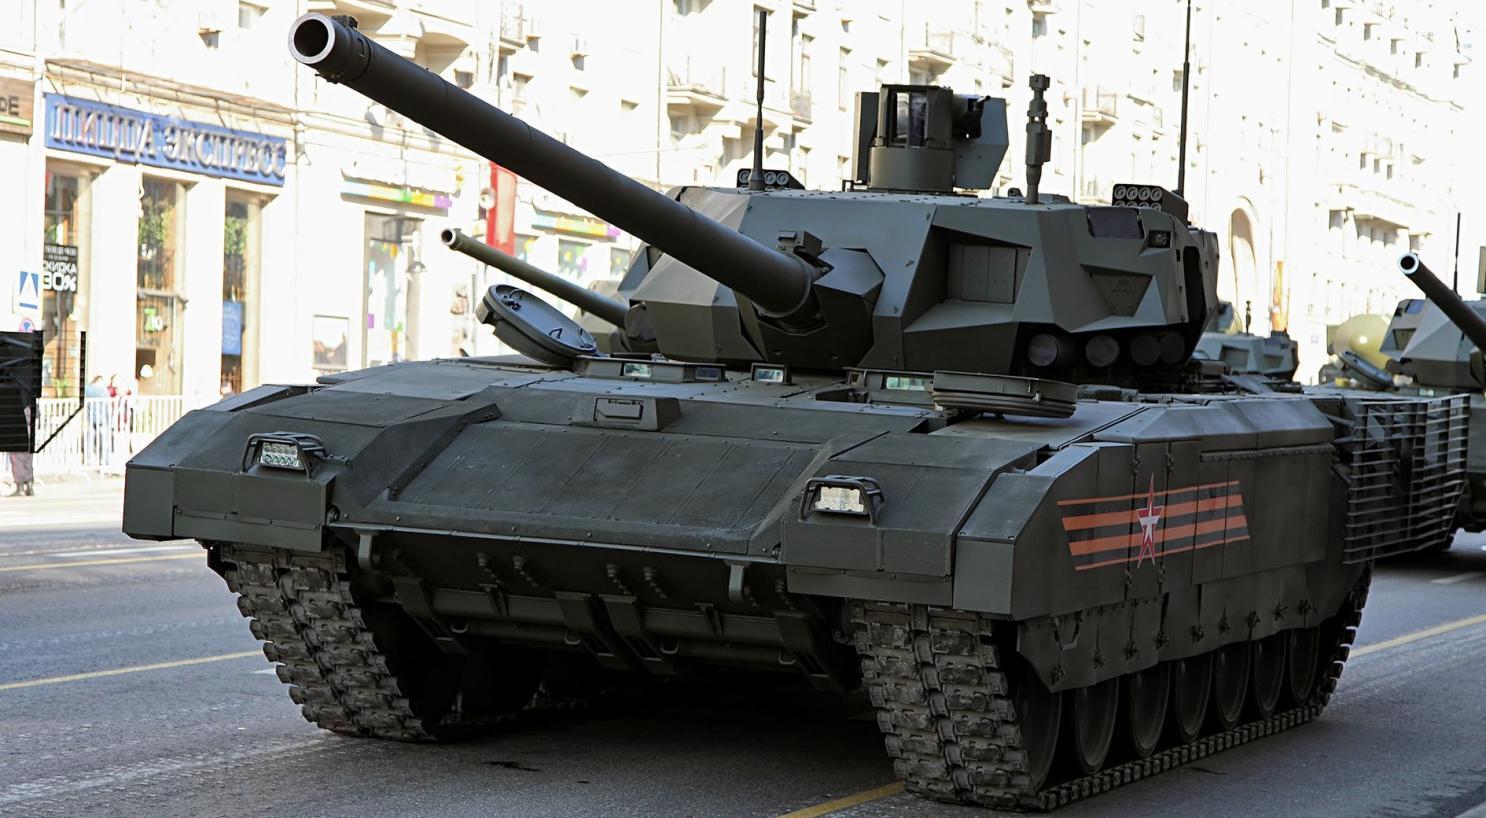 """俄军工称T-14""""阿玛塔""""坦克已通过无人驾驶测试"""